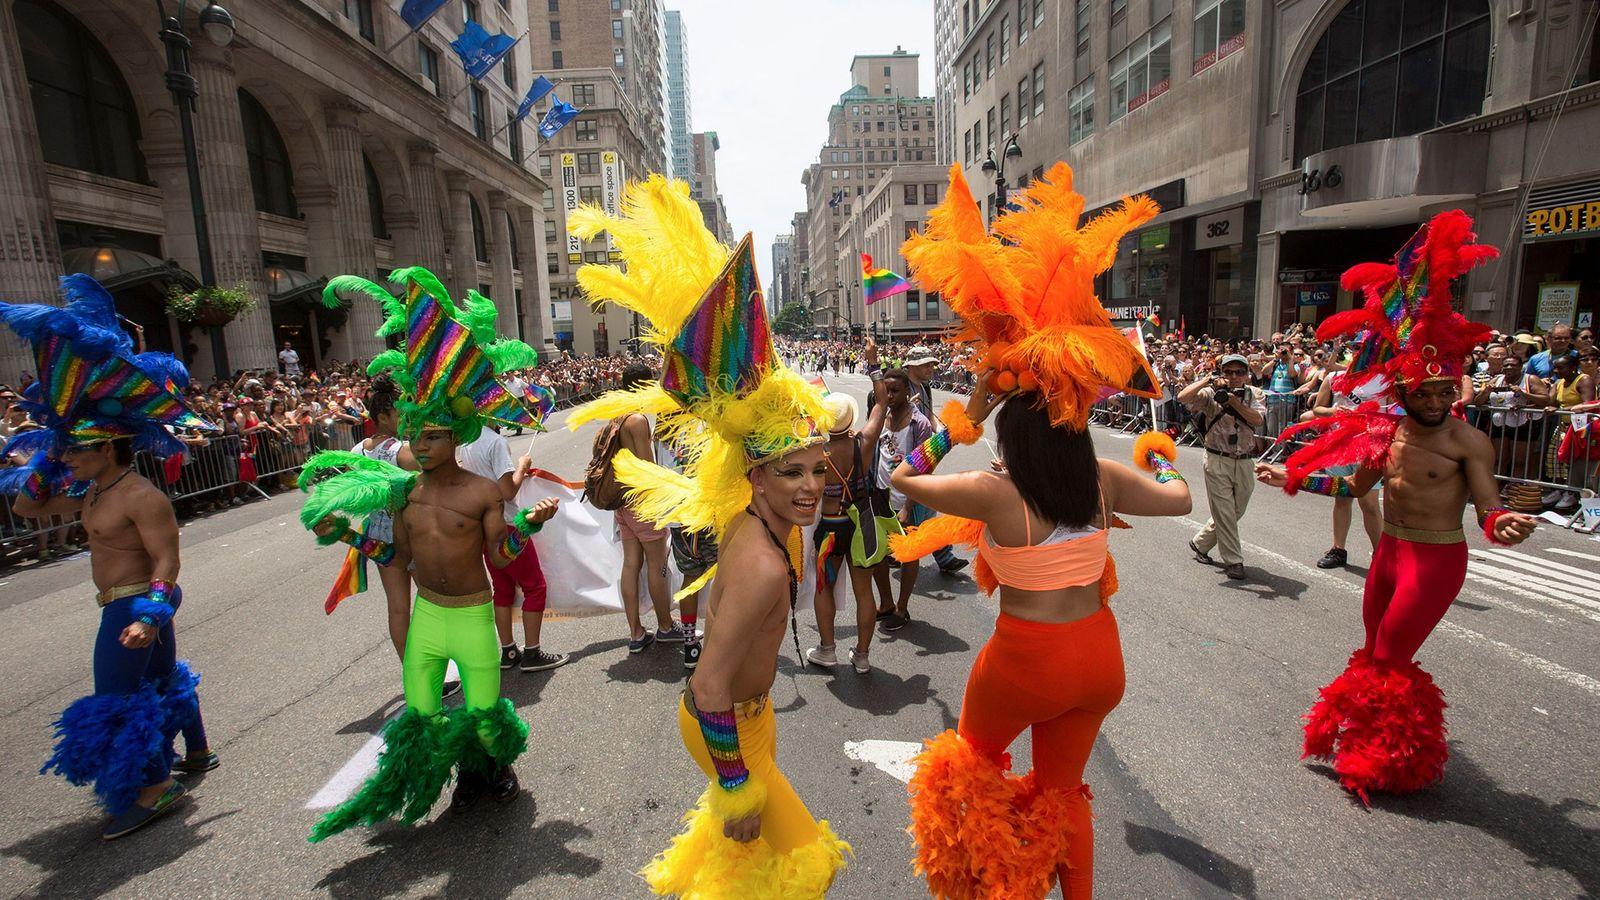 Participantes dançam em fantasias coloridas durante o desfile anual do orgulho LGBT em Nova York.